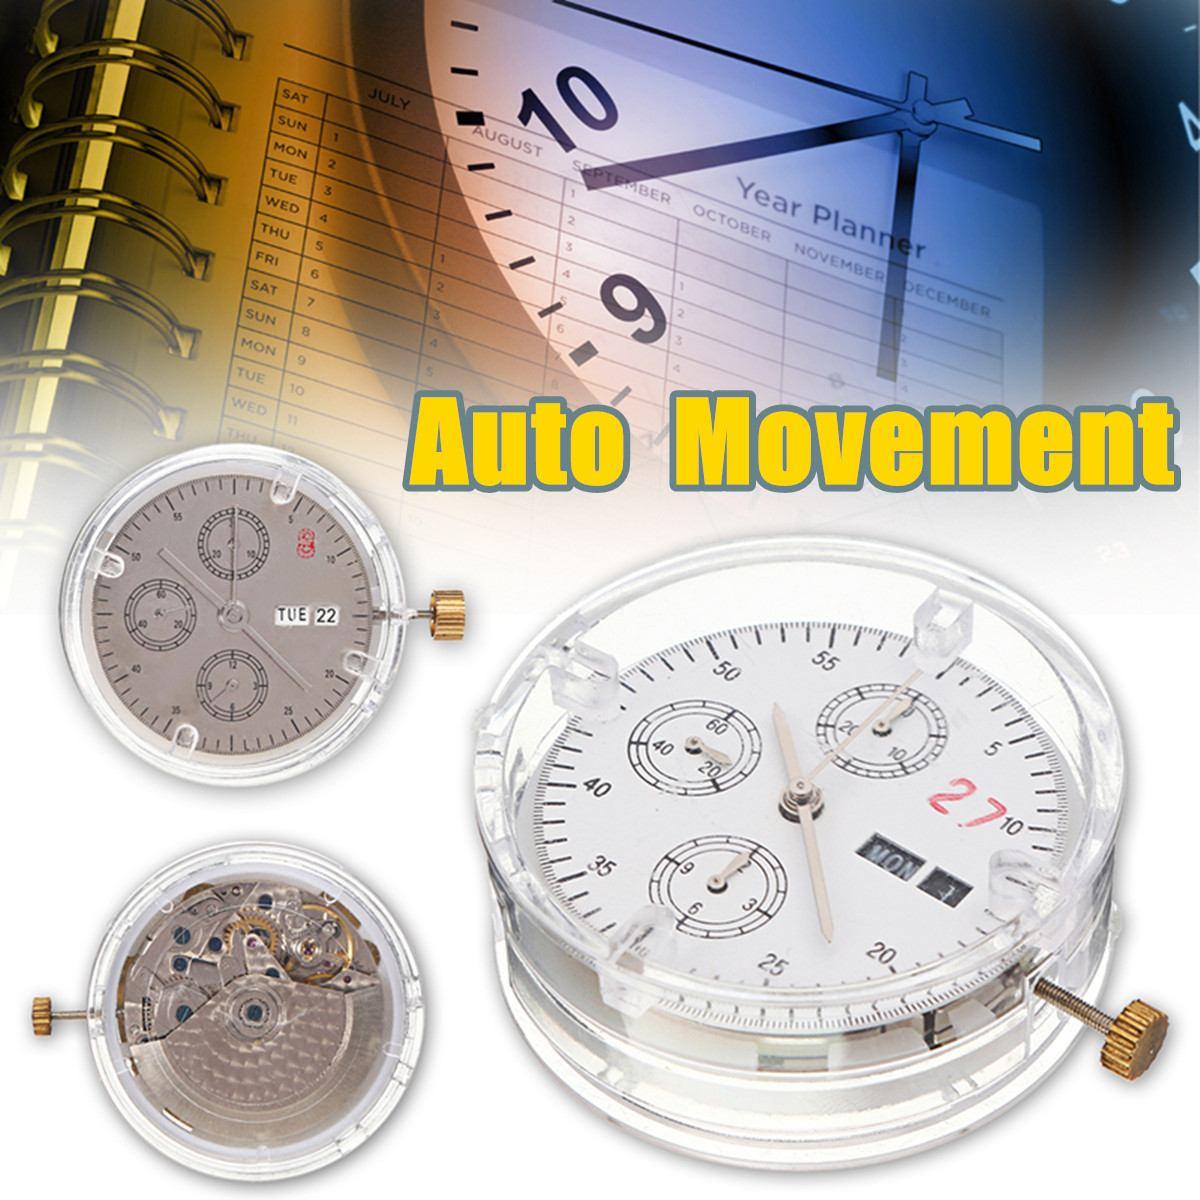 Z tworzywa sztucznego automatyczny ruch ETA klon 7750 w celu uzyskania dzień chronograf z datownikiem zestaw narzędzi do naprawy części akcesoria akcesoria do zegarków w Narzędzia i zestawy do naprawy od Zegarki na  Grupa 1